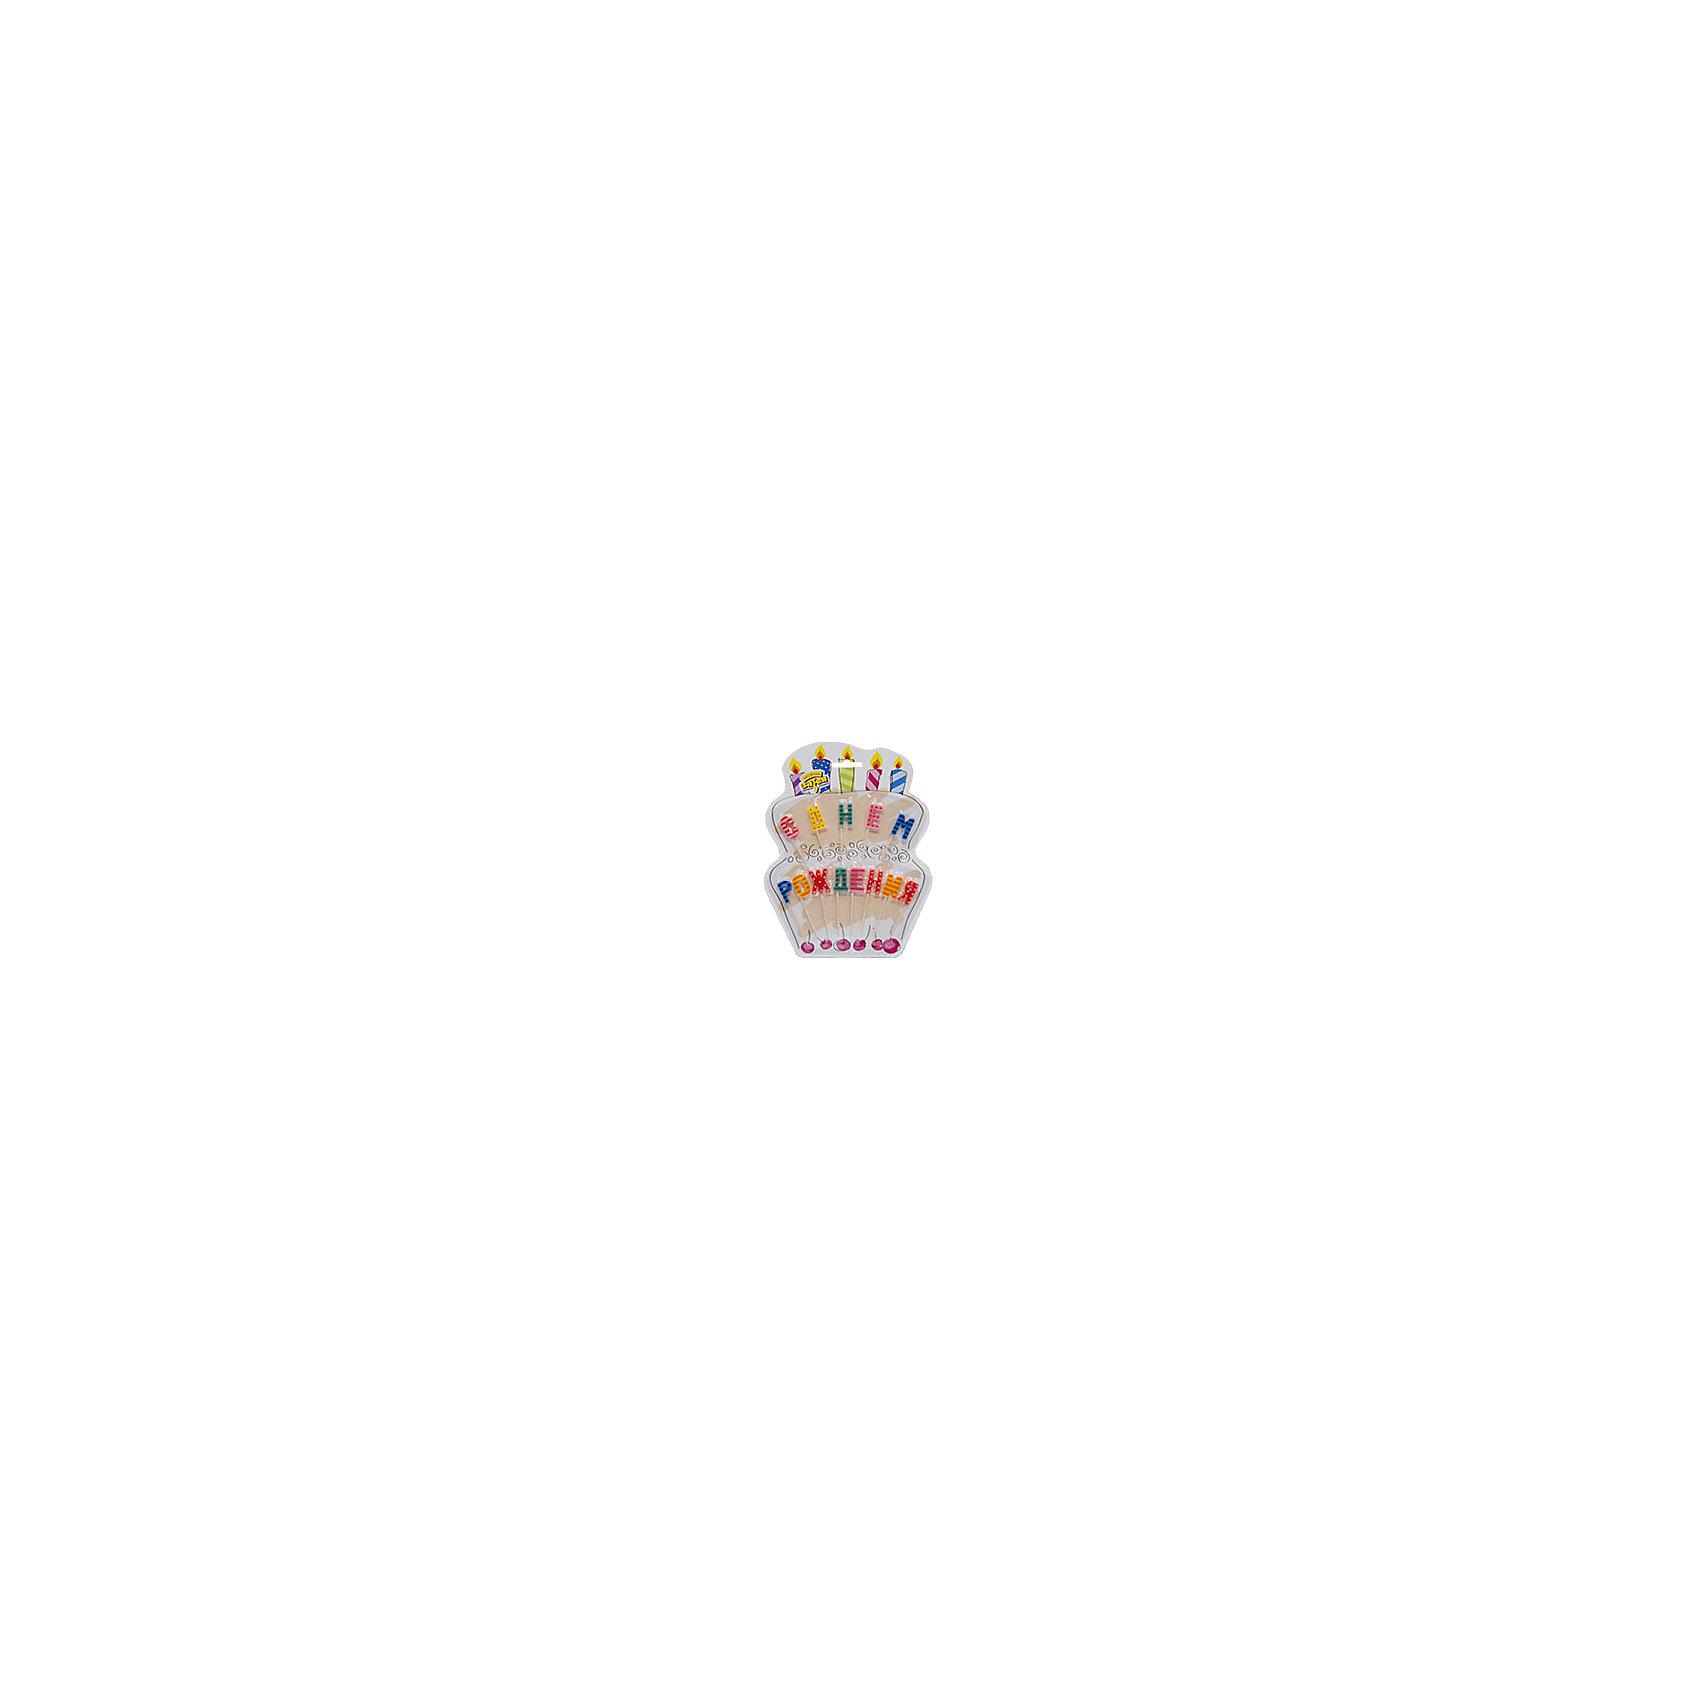 Свечи для торта на пиках С Днем Рождения, Веселая ЗатеяВсё для праздника<br>Свечи для торта на пиках С Днем Рождения, Веселая Затея<br><br>Характеристики: <br><br>• Вес: 100гр<br>• Размер: 180х1х220<br><br>Свечи для торта давно стали традиционным атрибутом праздников и дней рождений, как для детей, так и для взрослых. Декоративные свечи из этого набора выполнены в виде разноцветных букв и составляются в поздравление «С Днем Рождения». Они имеют оригинальный дизайн и помогут создать праздничную атмосферу, украсить именинный торт и порадовать вашего ребенка.<br><br>Свечи для торта на пиках С Днем Рождения, Веселая Затея можно купить в нашем интернет-магазине.<br><br>Ширина мм: 180<br>Глубина мм: 1<br>Высота мм: 220<br>Вес г: 100<br>Возраст от месяцев: 60<br>Возраст до месяцев: 2147483647<br>Пол: Унисекс<br>Возраст: Детский<br>SKU: 5445454